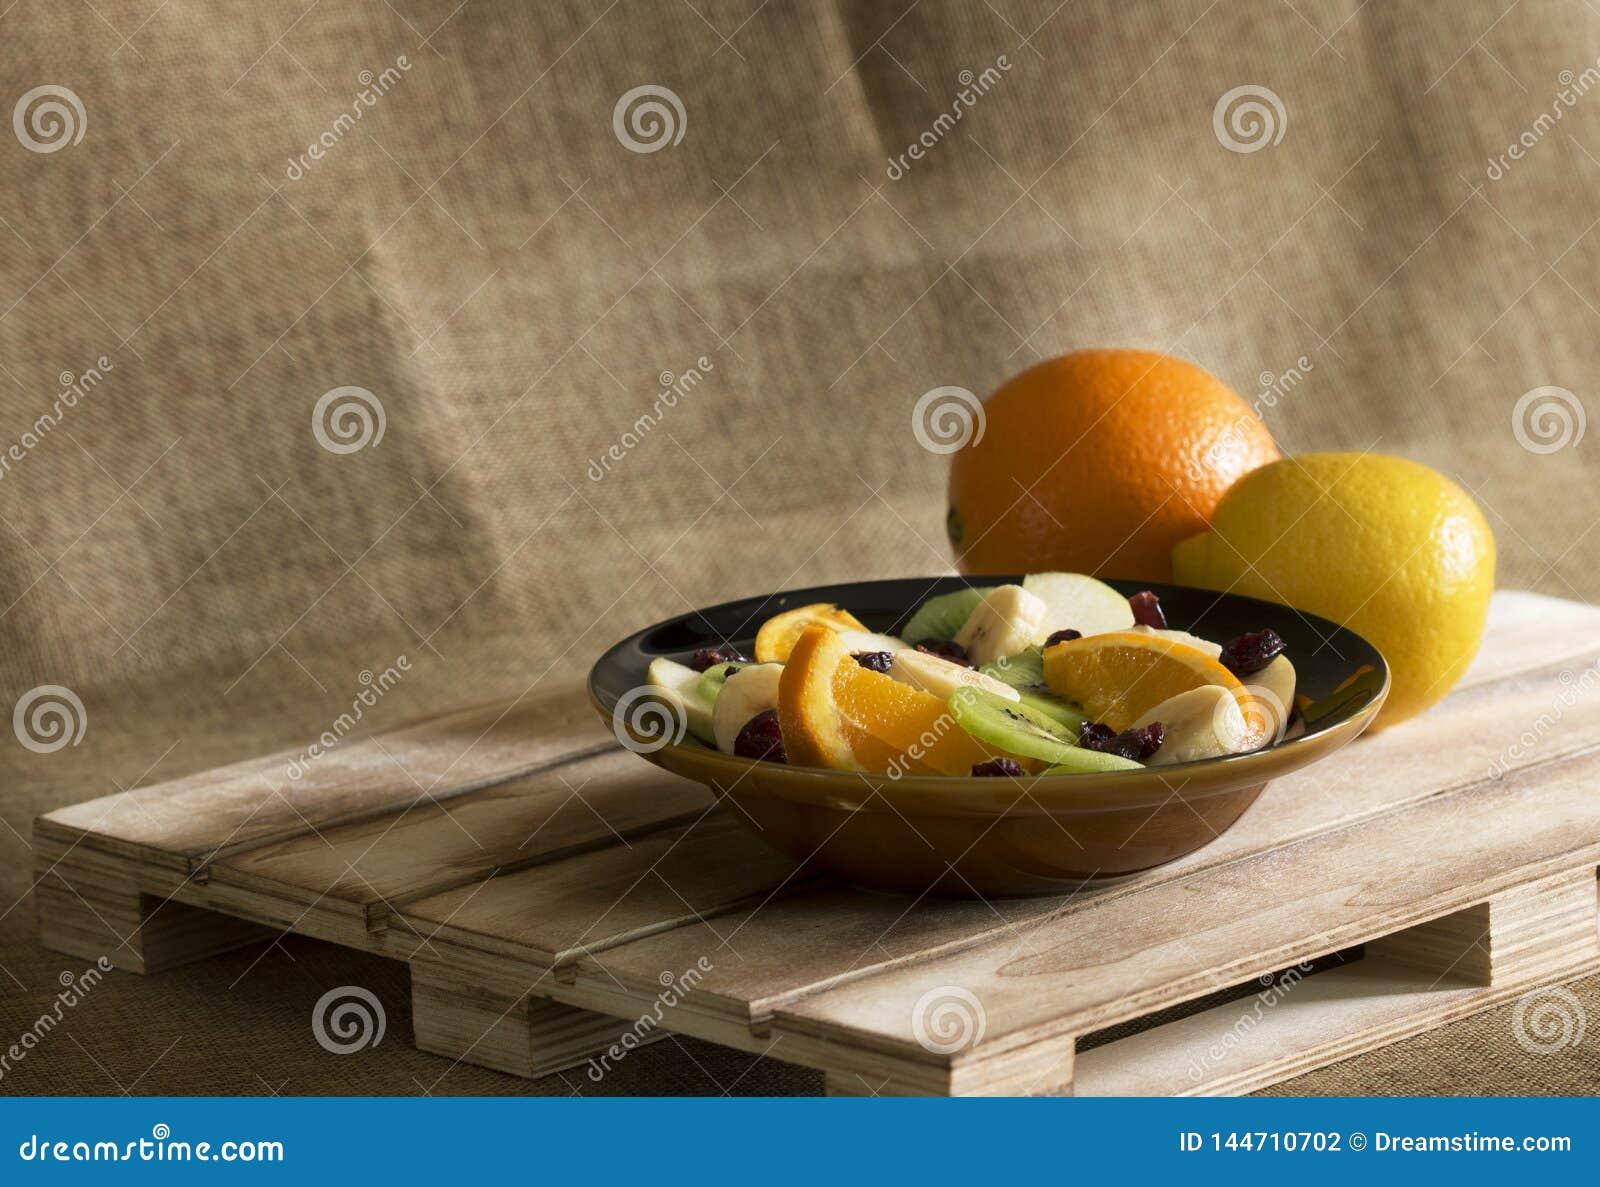 Een kom fruitsalade met een sinaasappel en een citroen